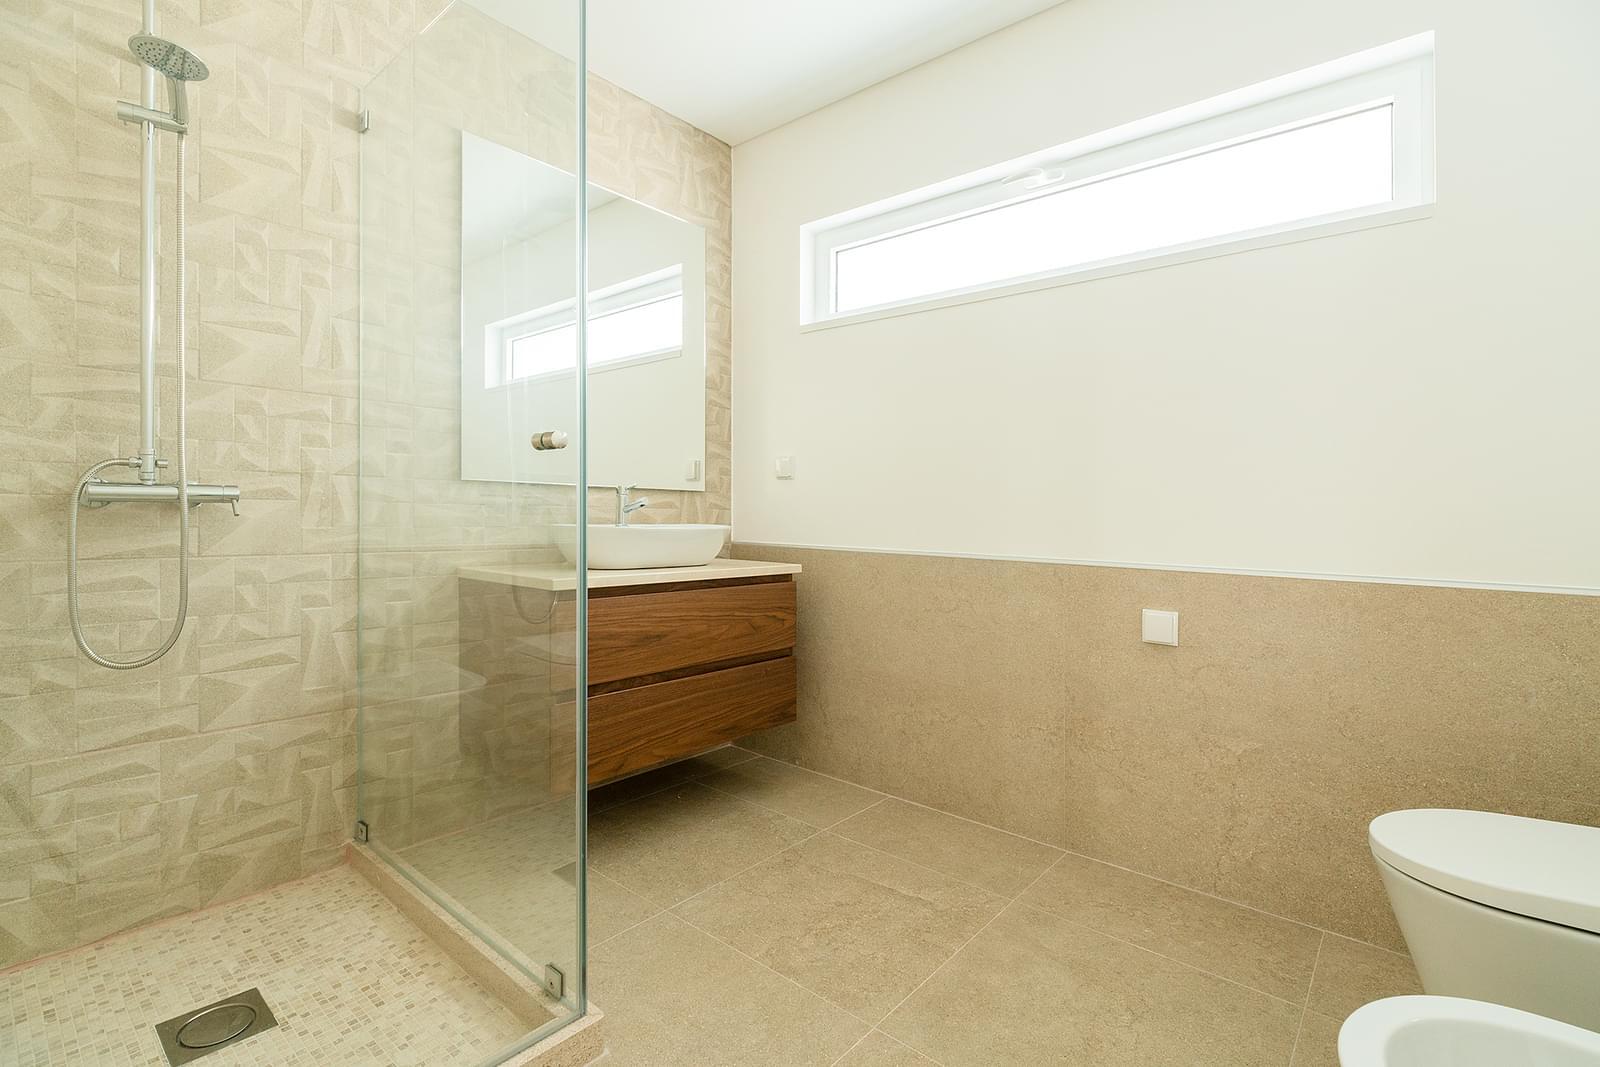 pf18413-apartamento-t1-lisboa-2b03e28d-ba25-4bf7-ba9a-345a84284f30